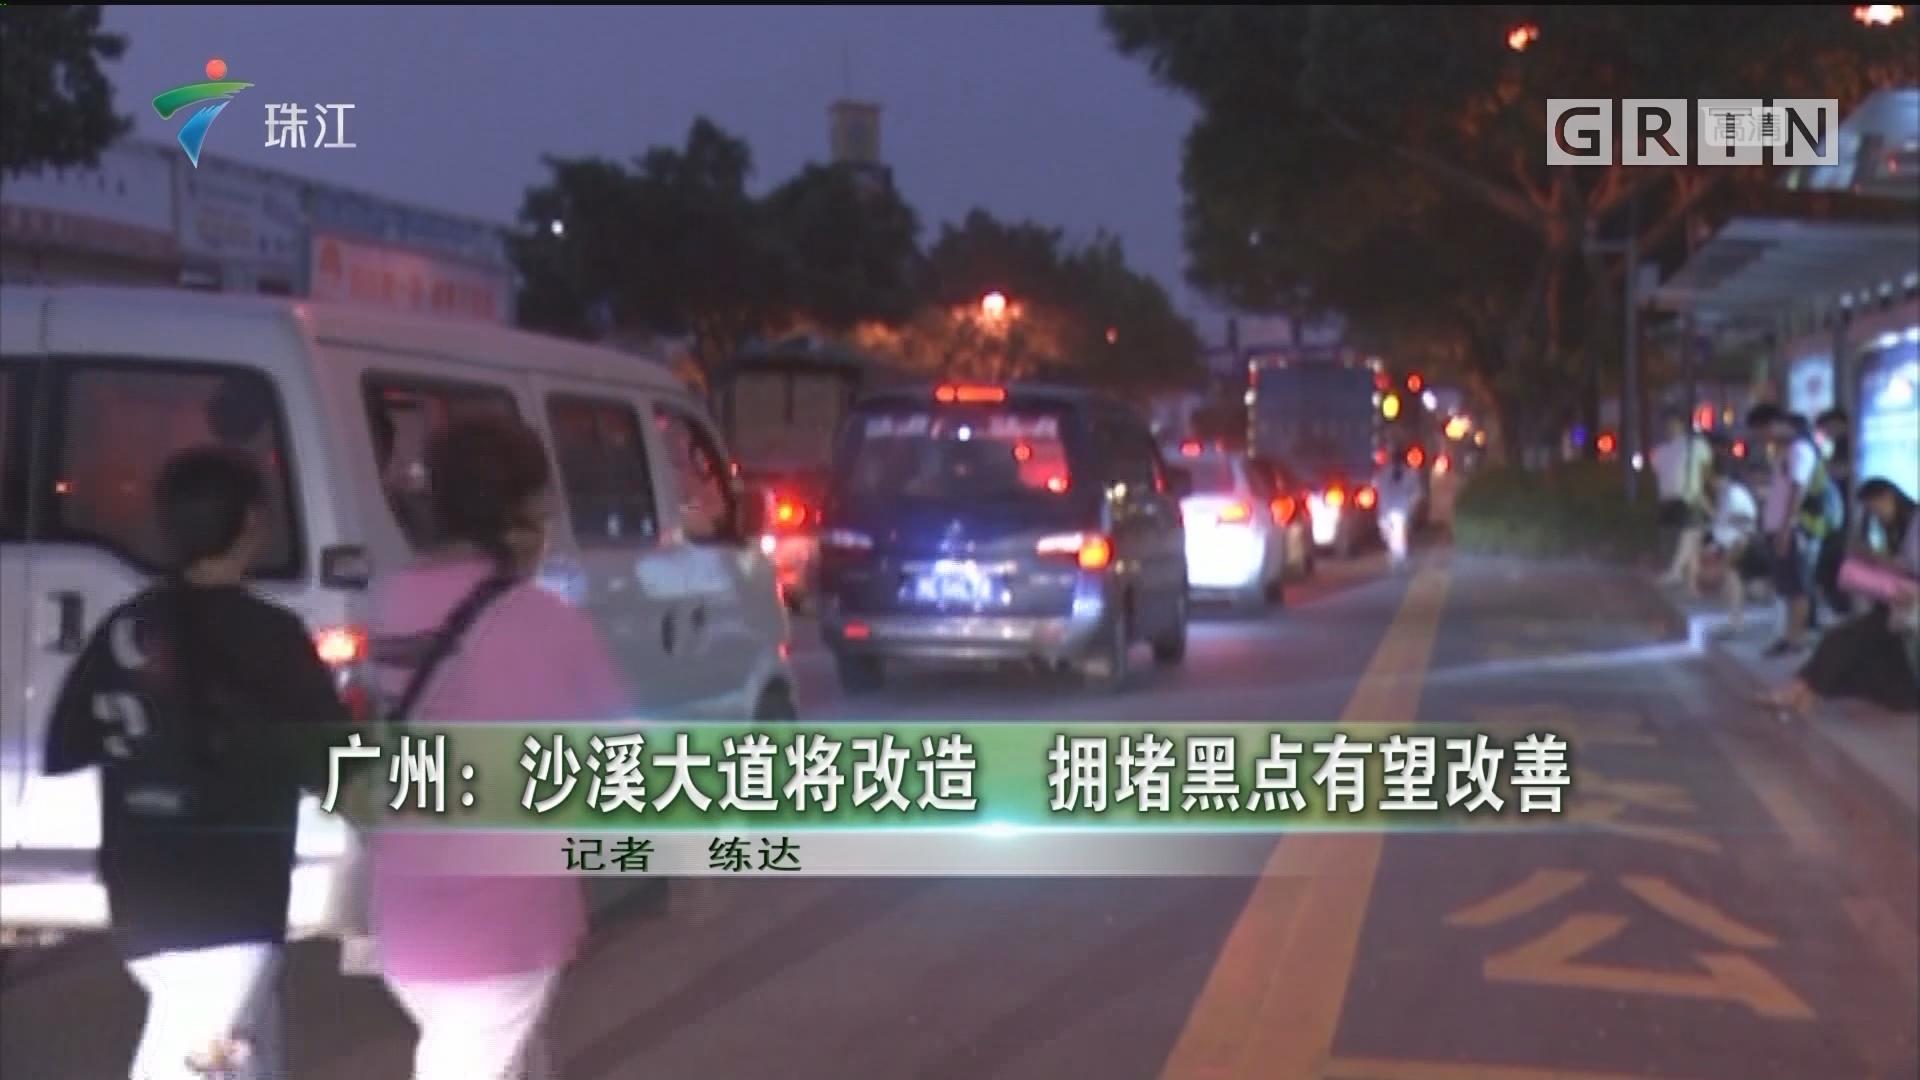 广州:沙溪大道将改造 拥堵黑点有望改善